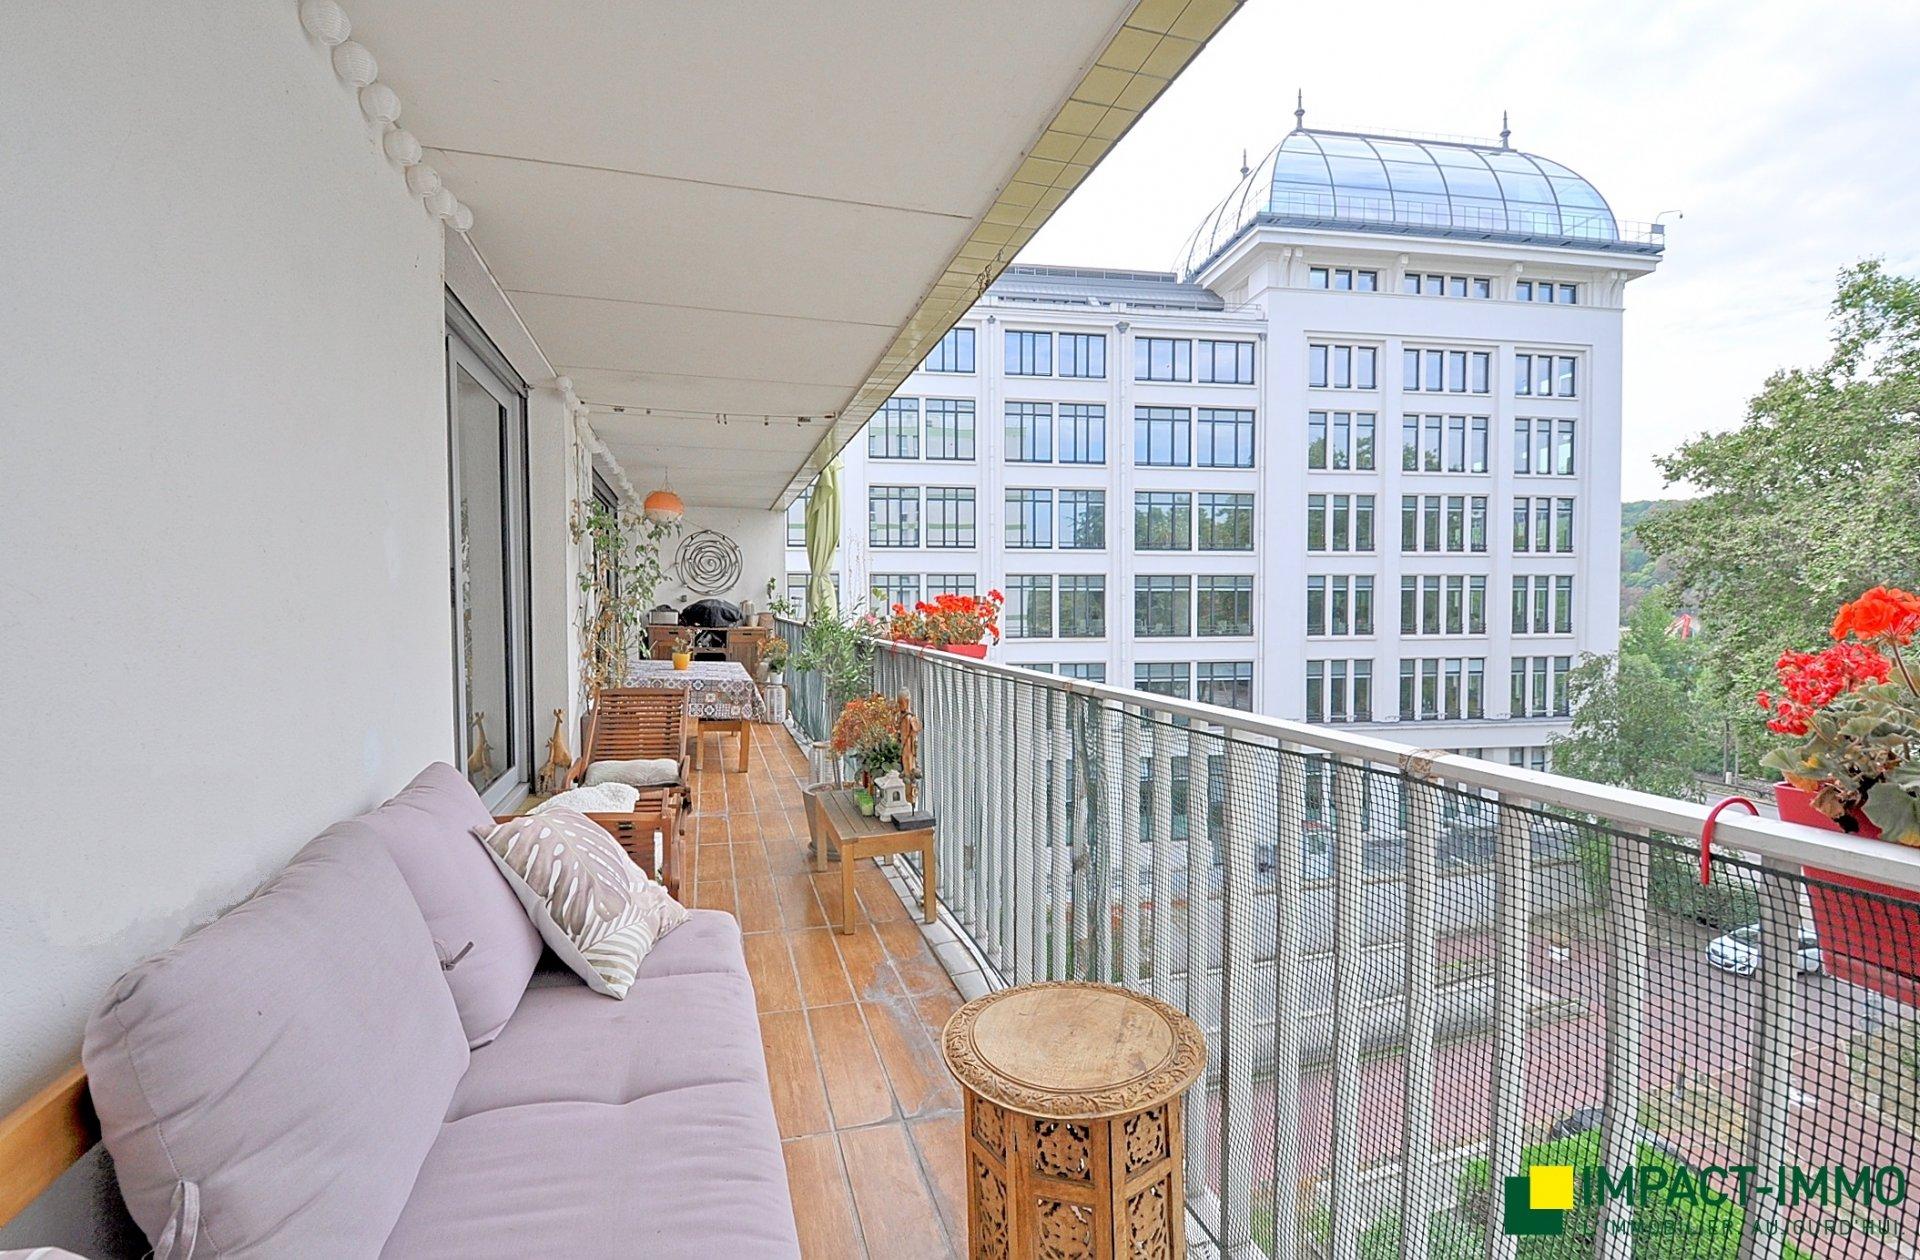 Dernier étage - 4p - terrasse - ascenseur - parking